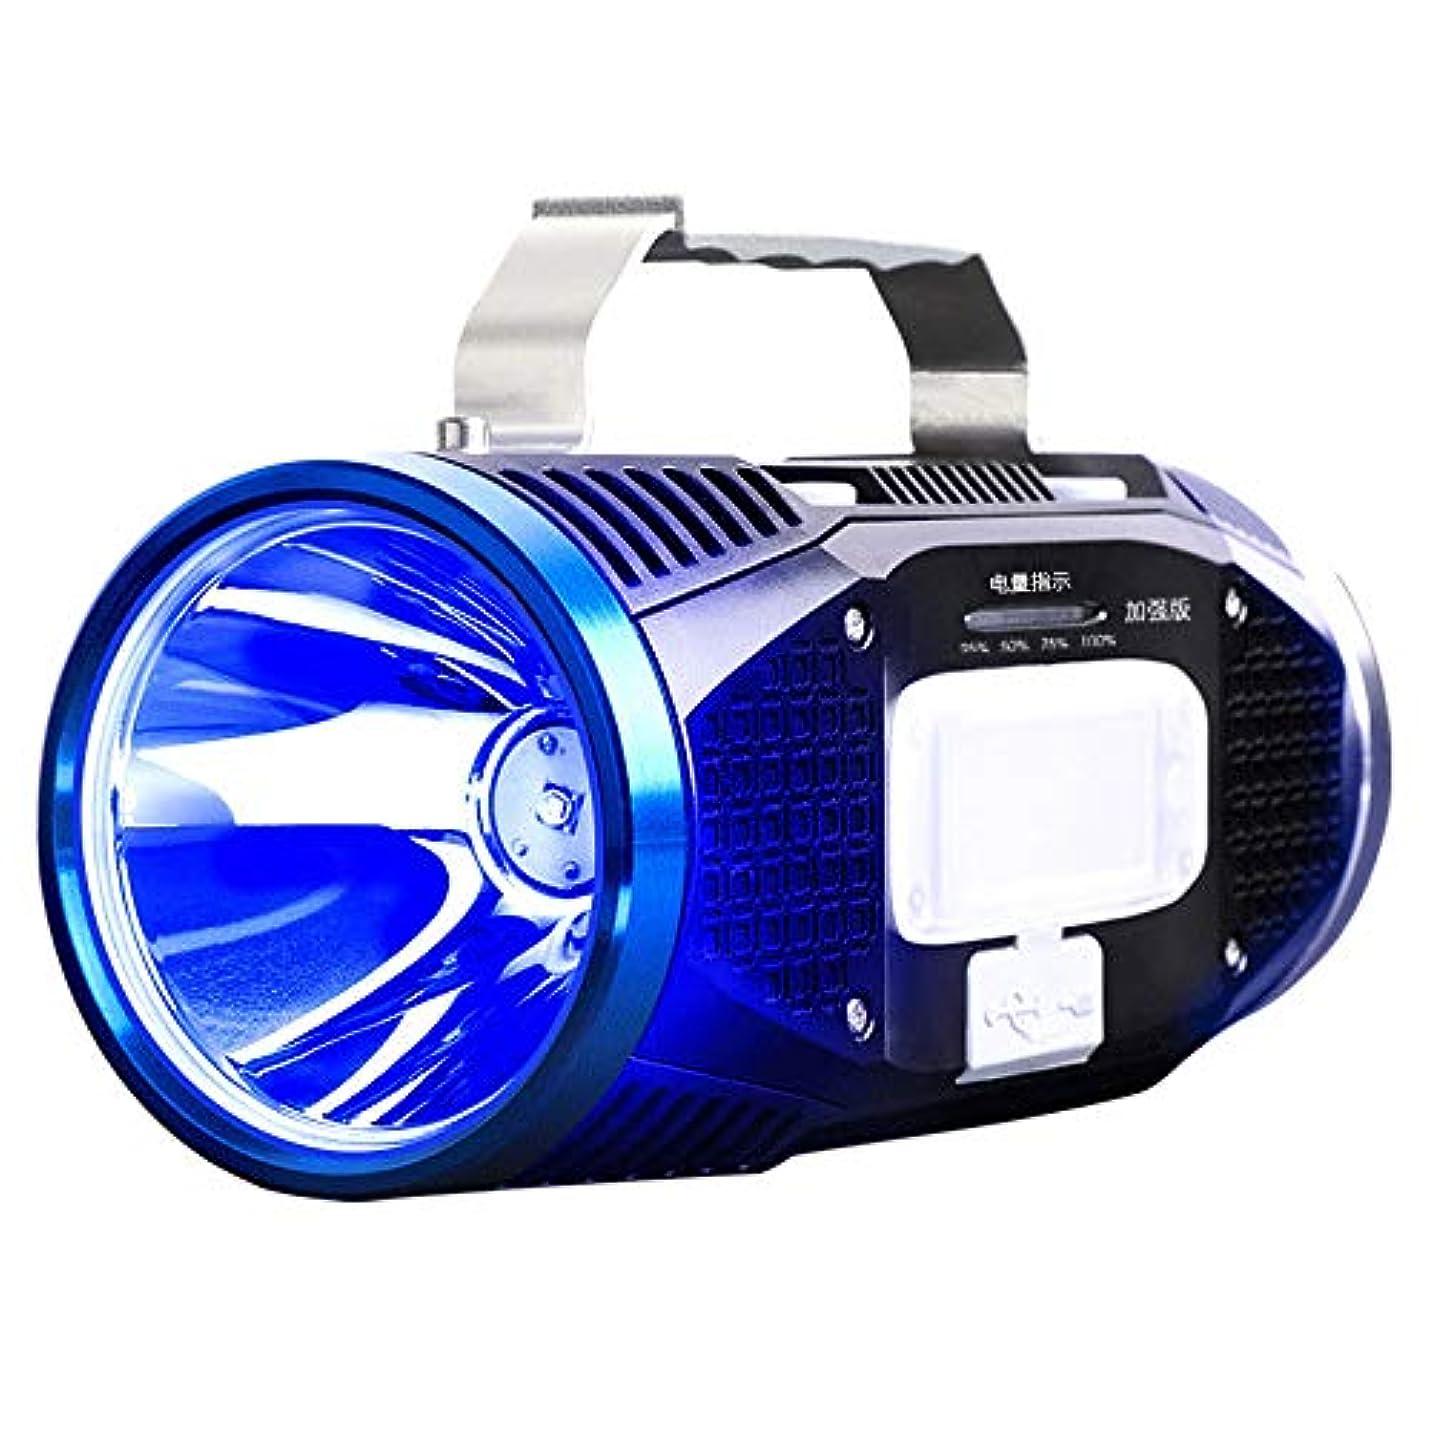 ボーカル噴水歩き回るナイトフィッシングライトライト電荷餌ライトブルーとホワイトダブルライトソース超明るい釣りライト